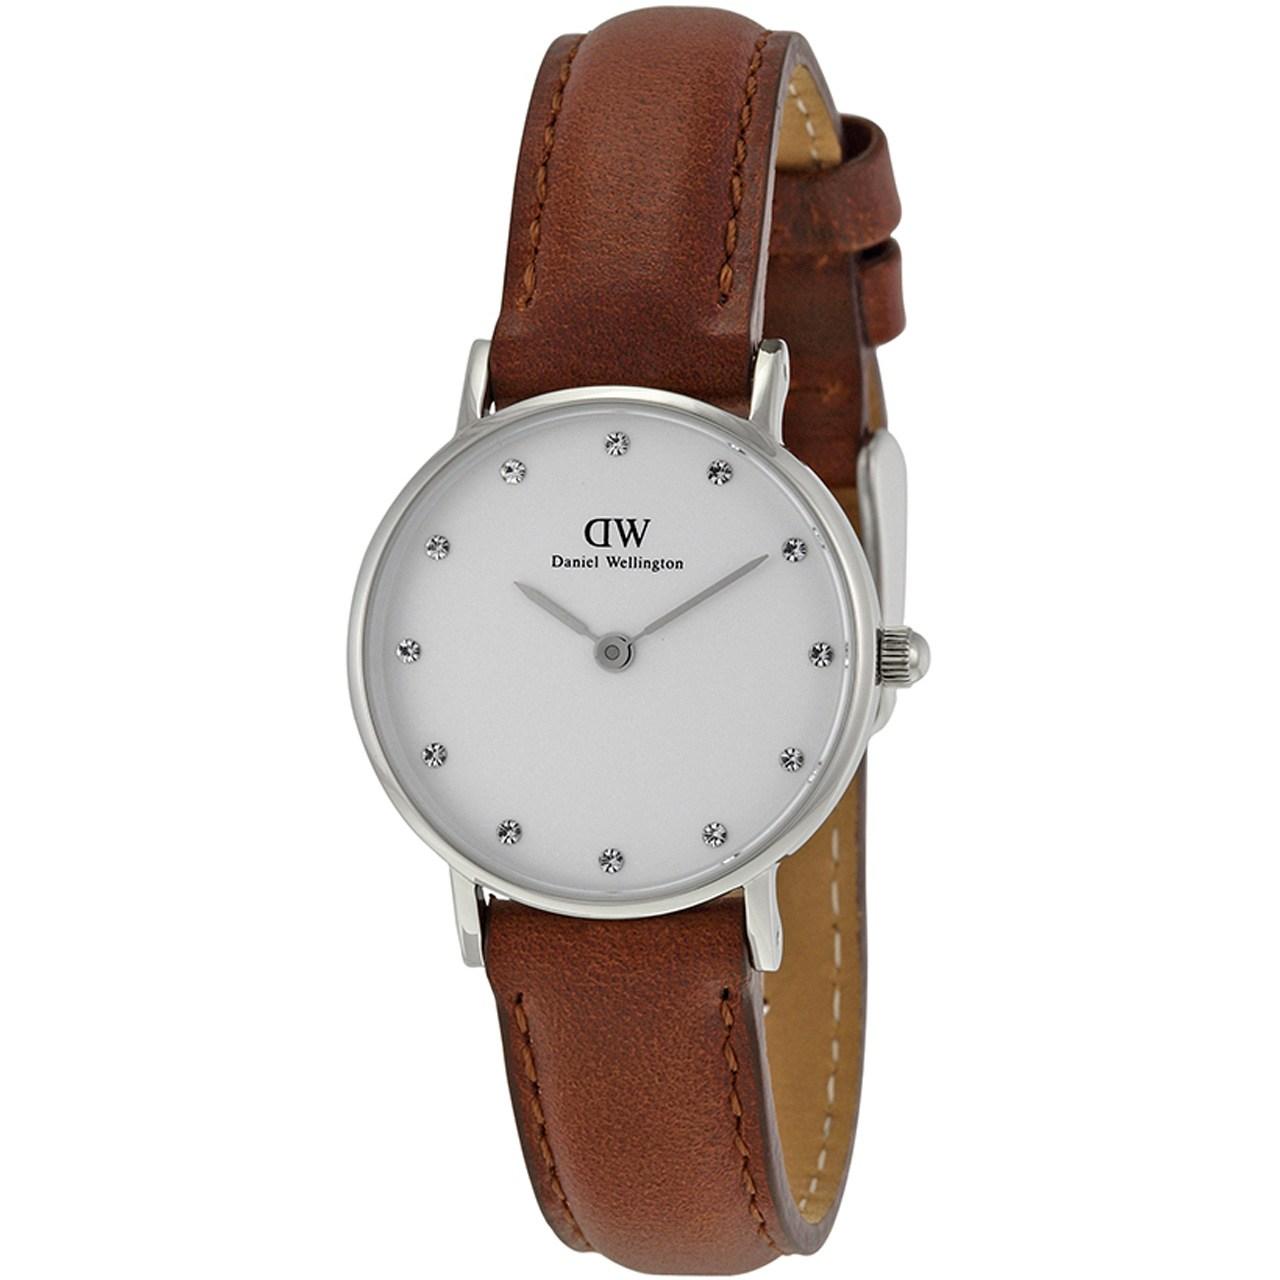 ساعت مچی عقربه ای زنانه دنیل ولینگتون مدل DW00100067